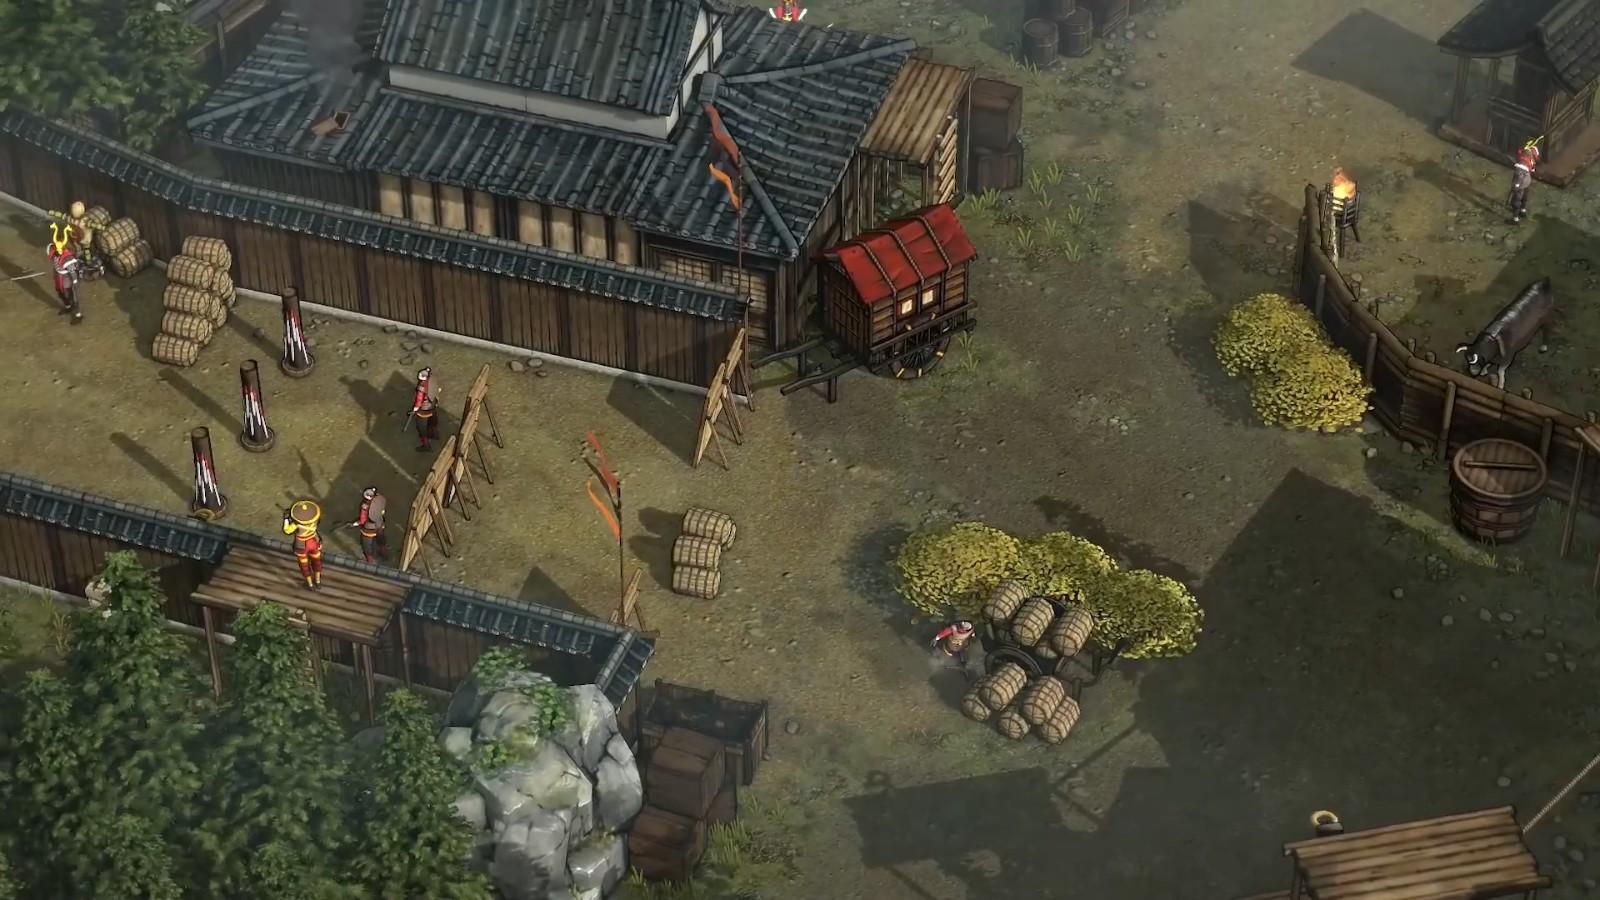 高能电玩节:《影子战术:将军之刃》新DLC宣传片插图11